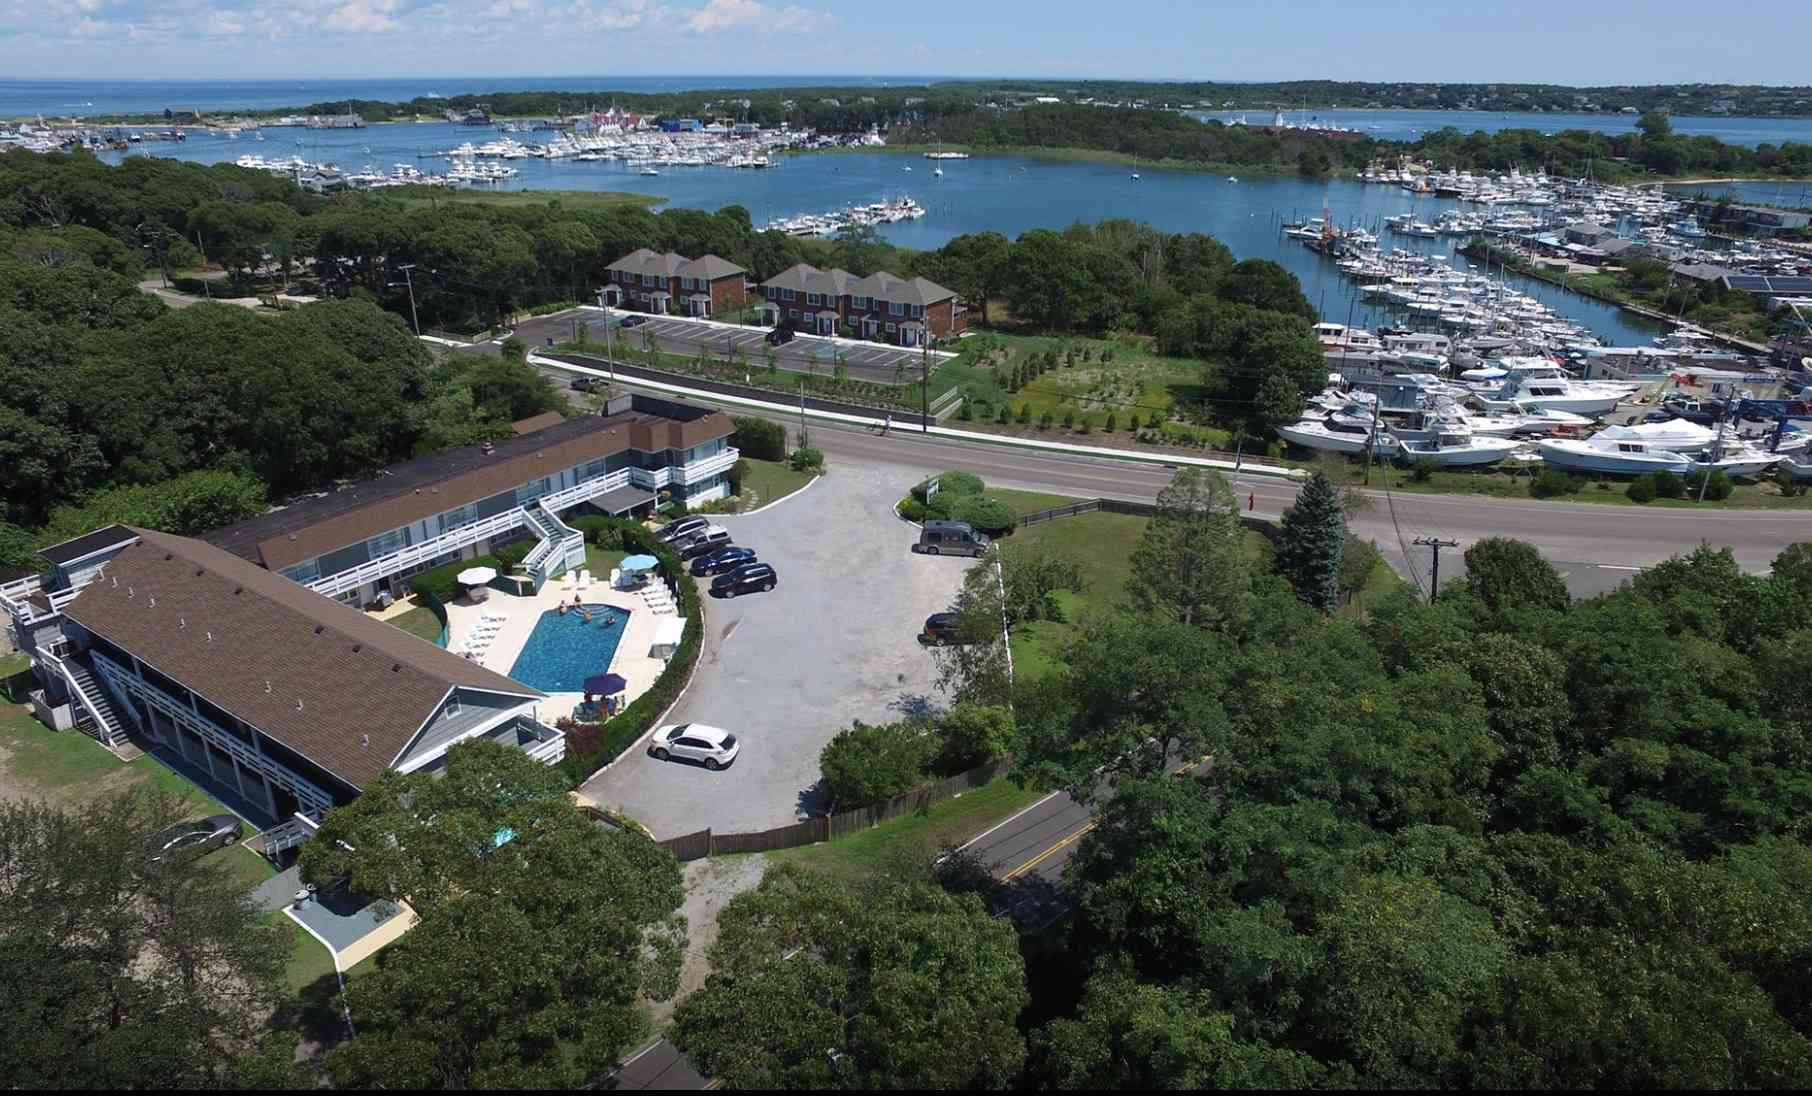 Harborside Resort Motel